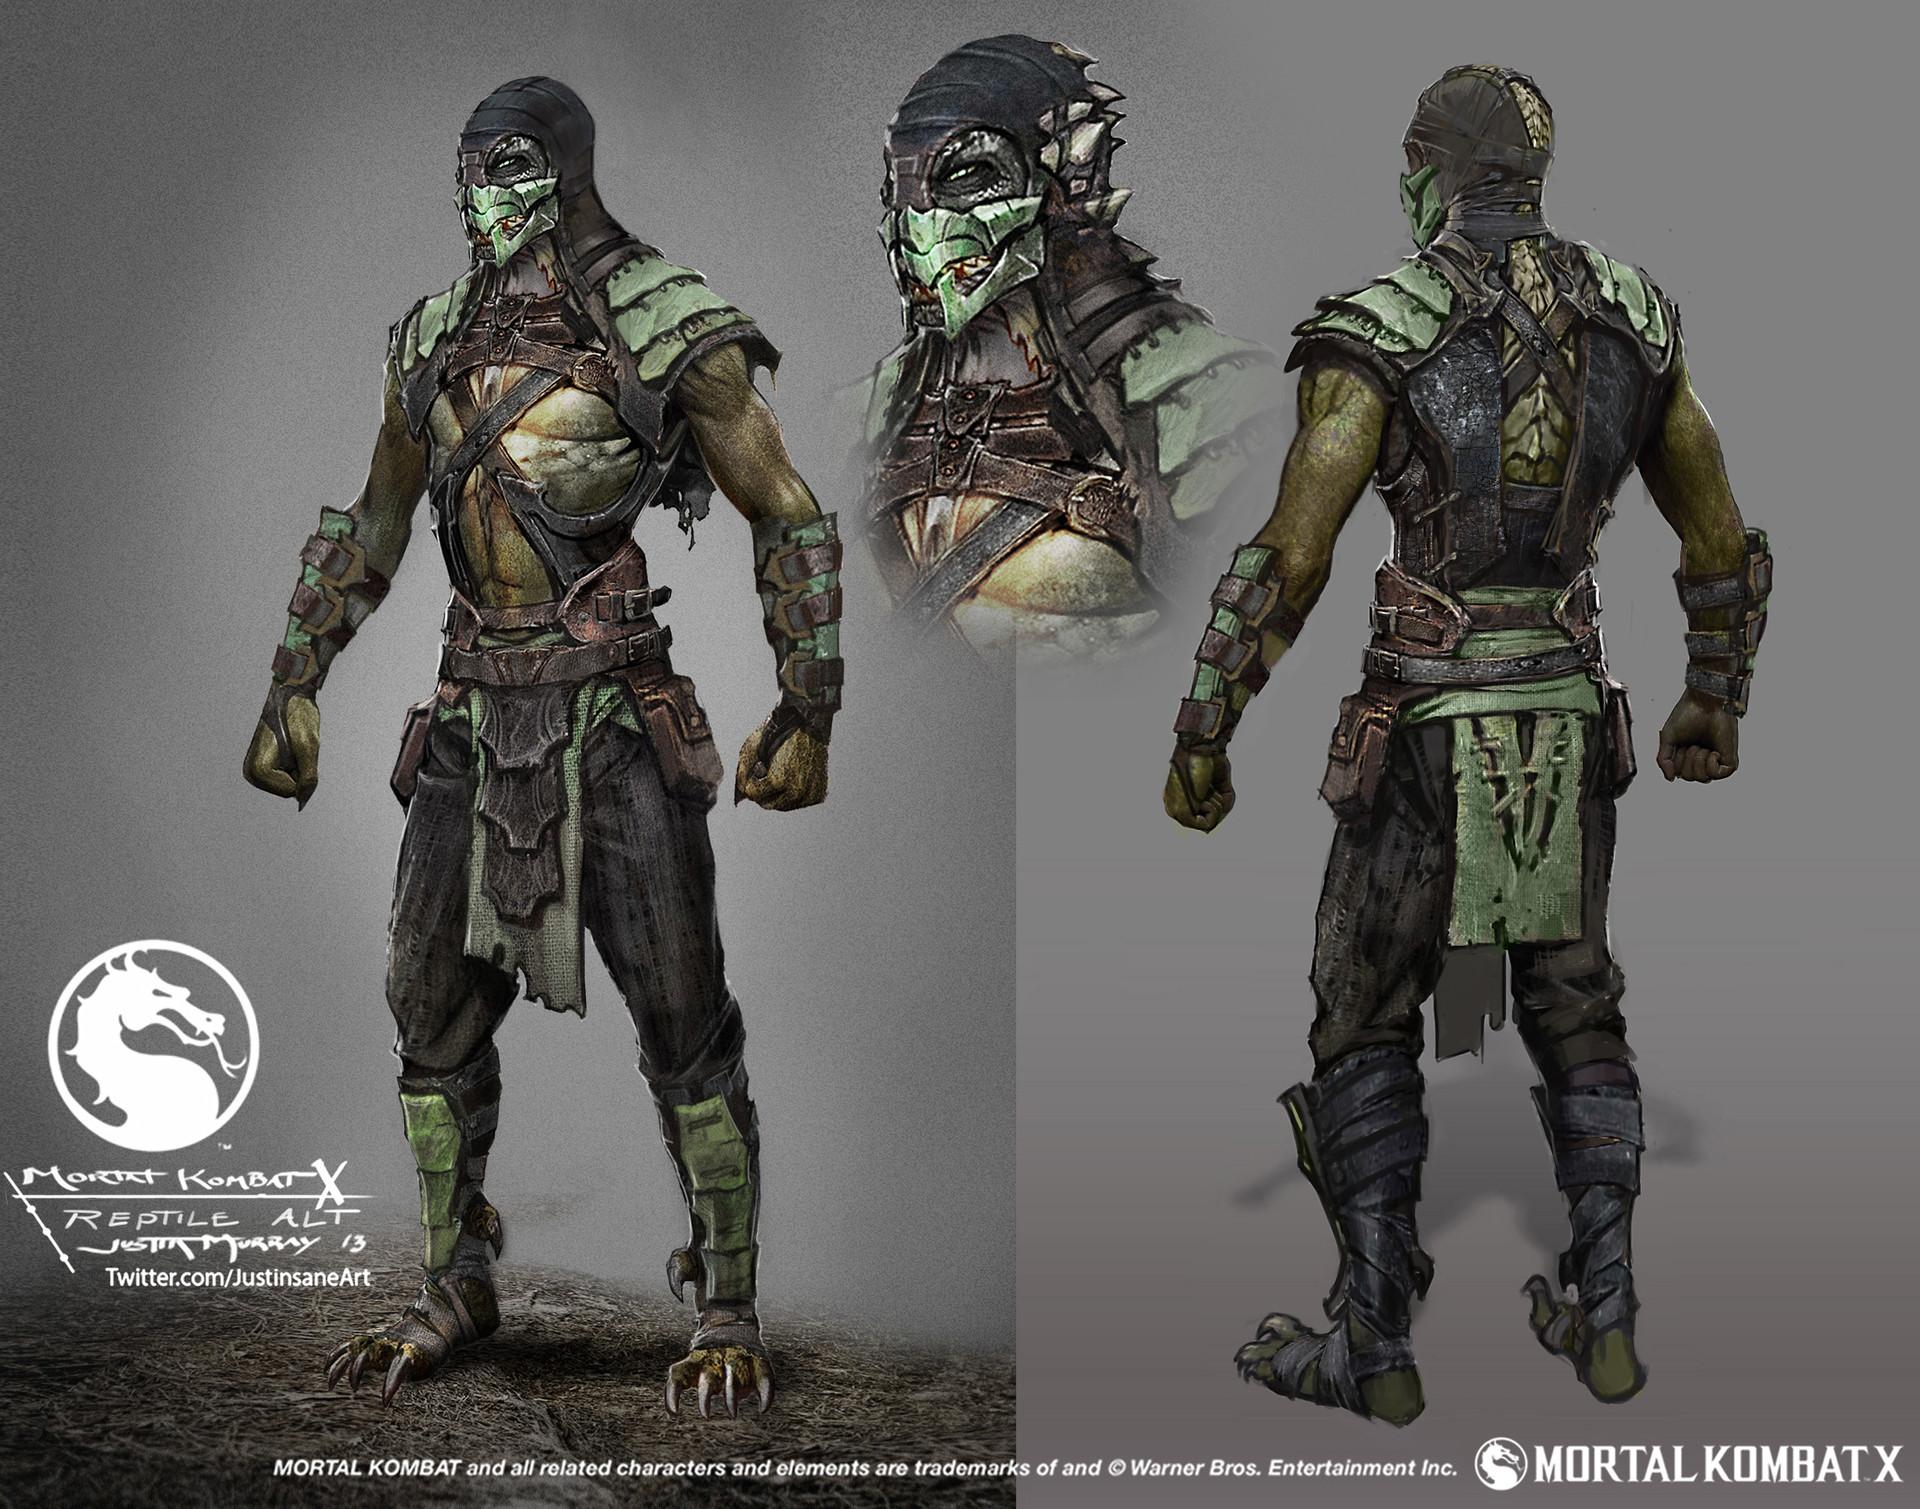 系列经典角色Reptile将会在《致命格斗11》回归